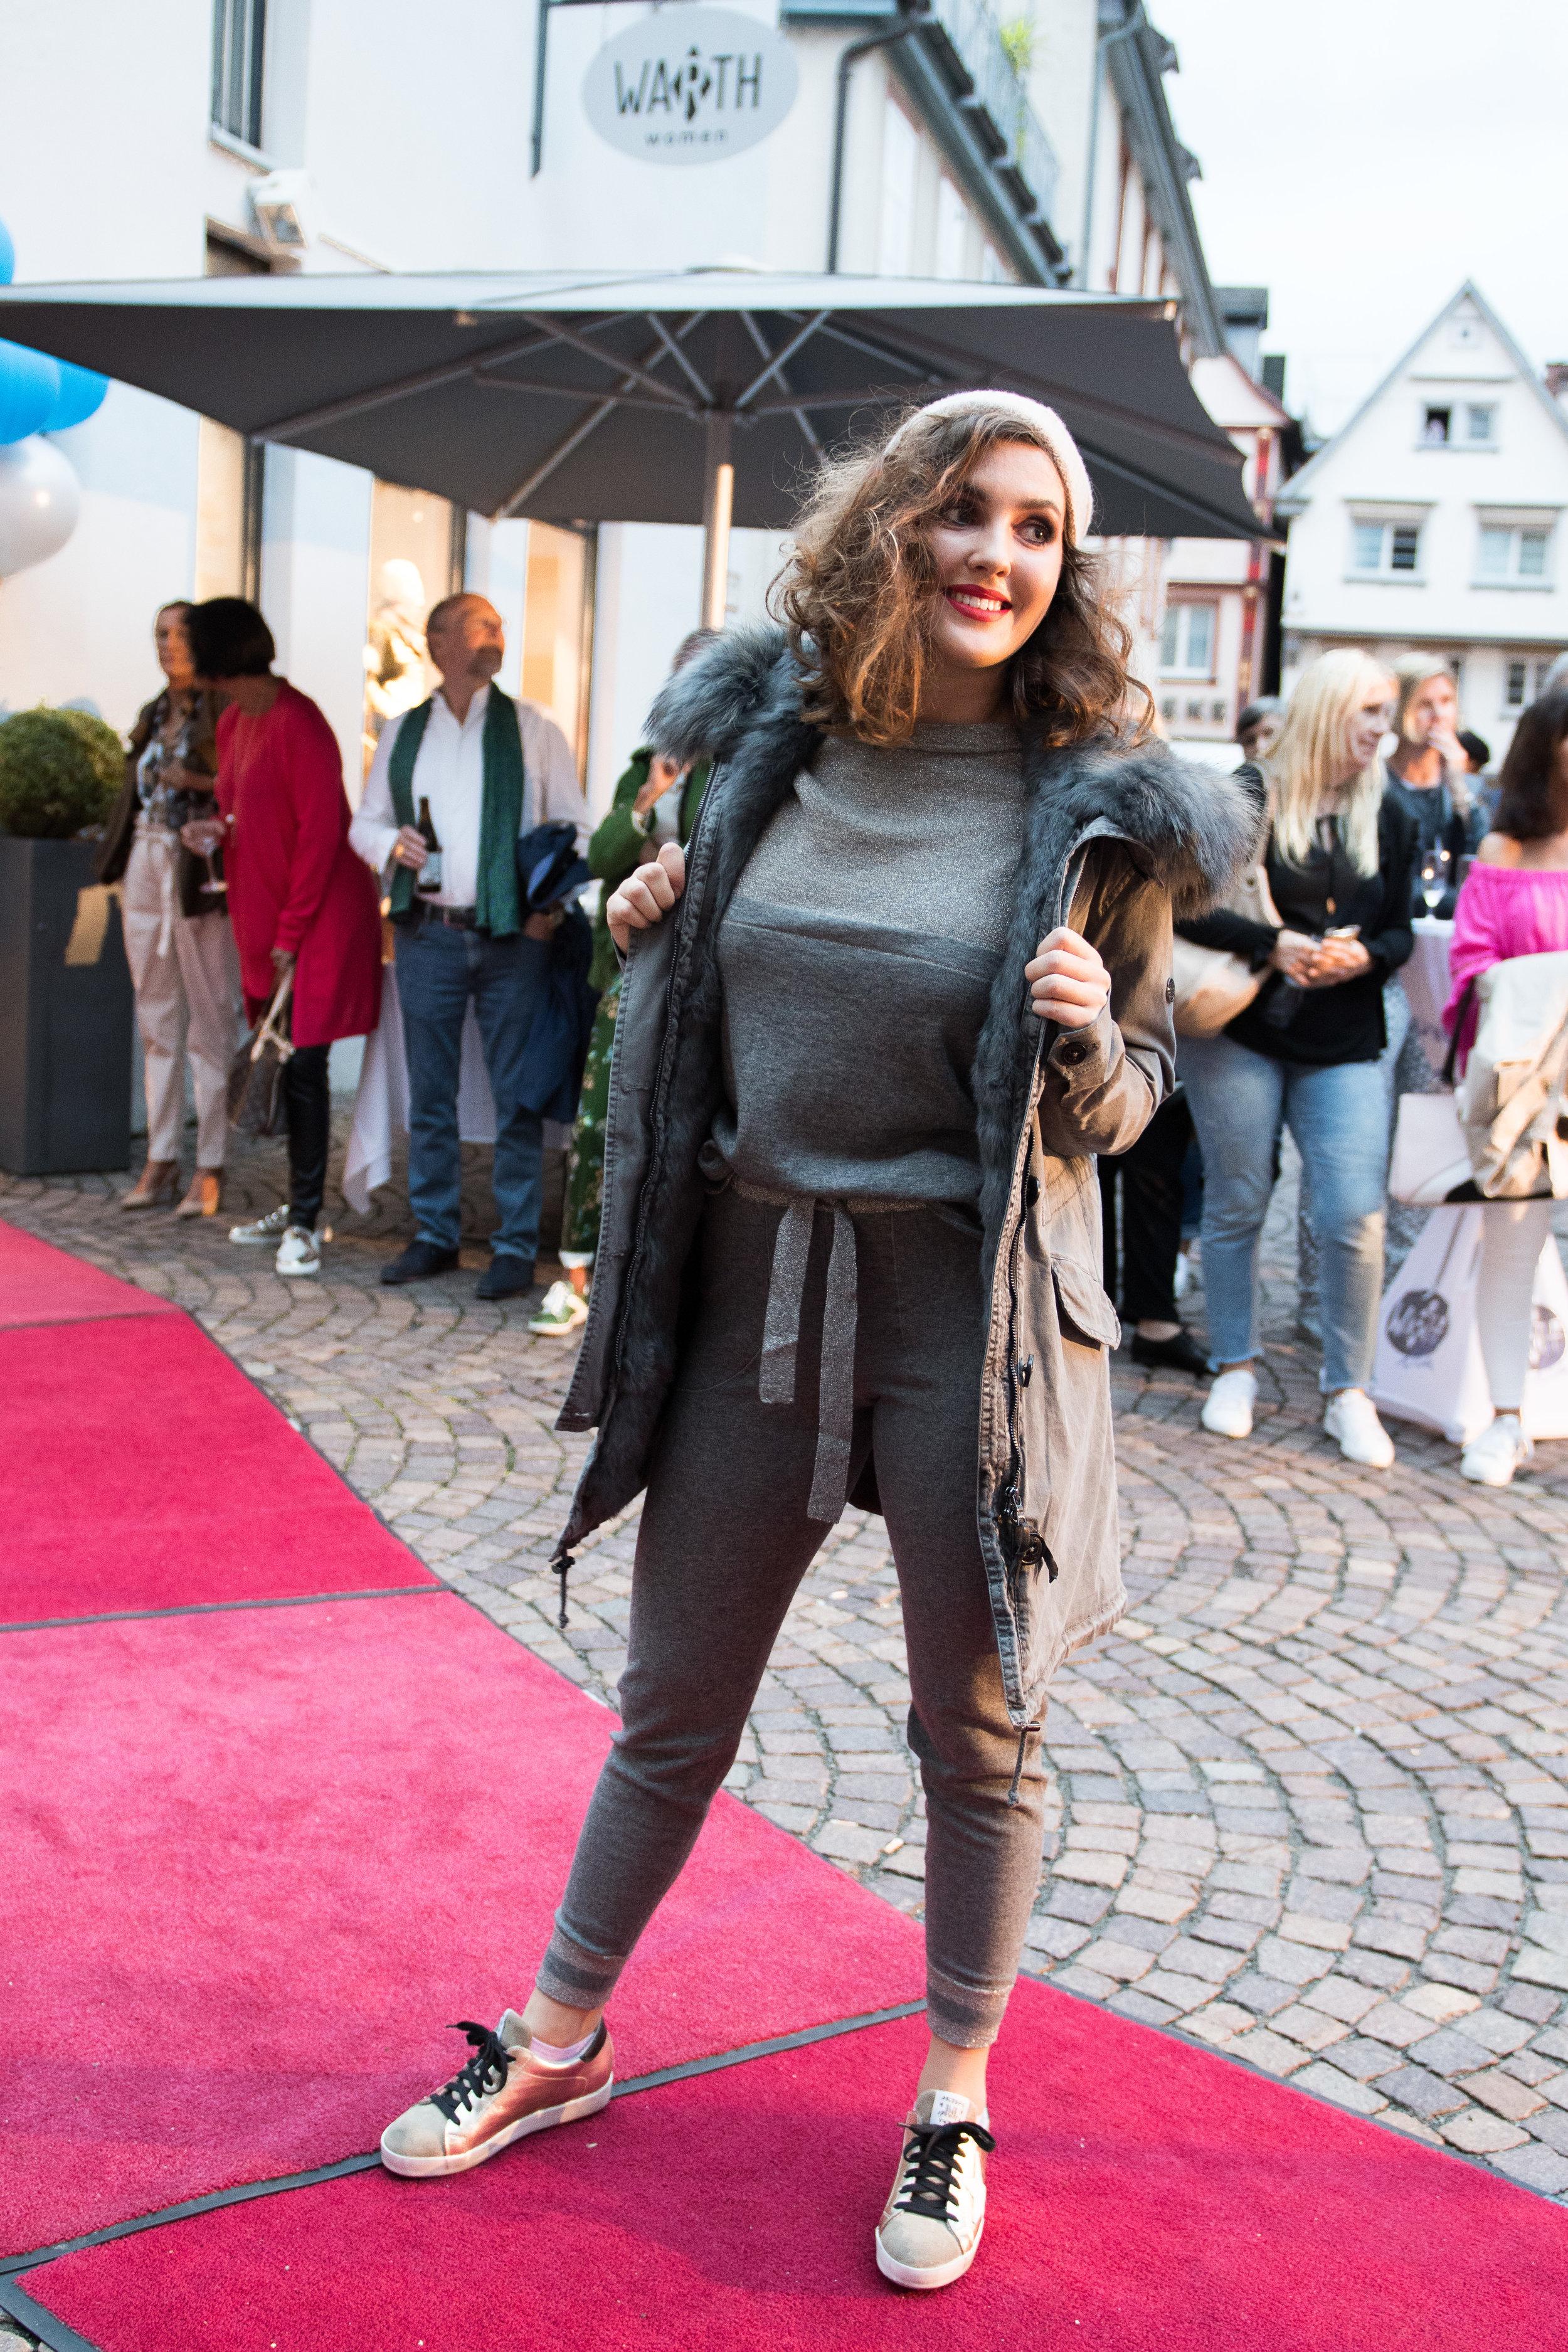 Fashionshowbackstage_68.jpg